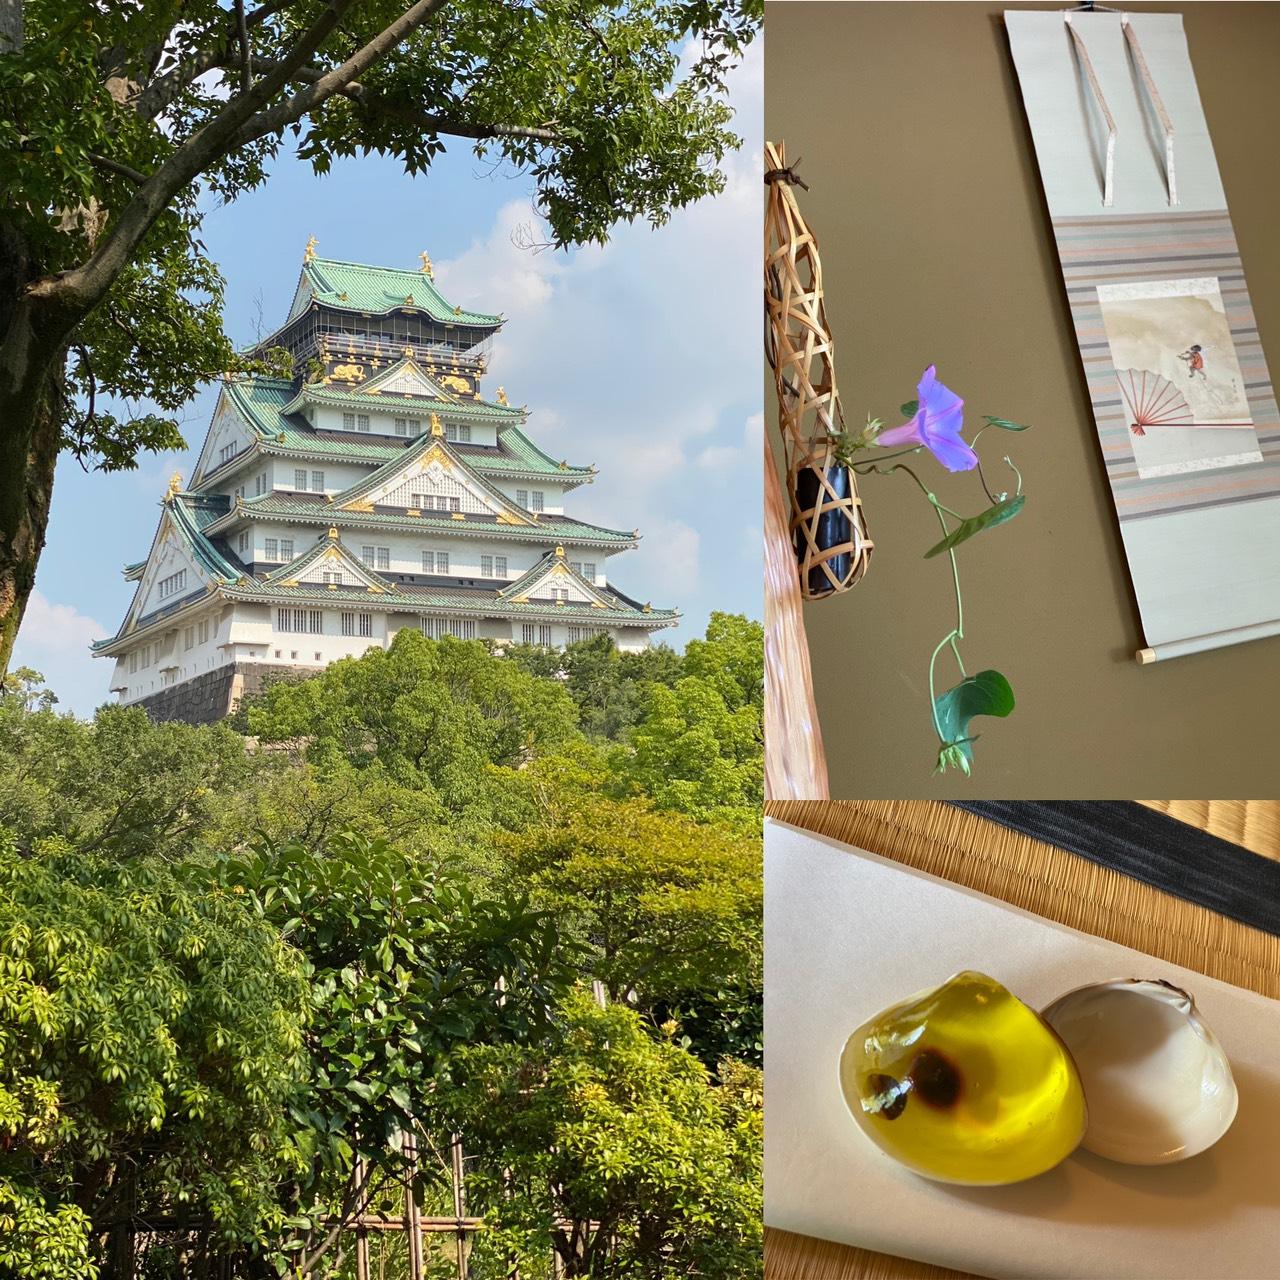 大阪城 西ノ丸庭園 茶室「豊松庵」